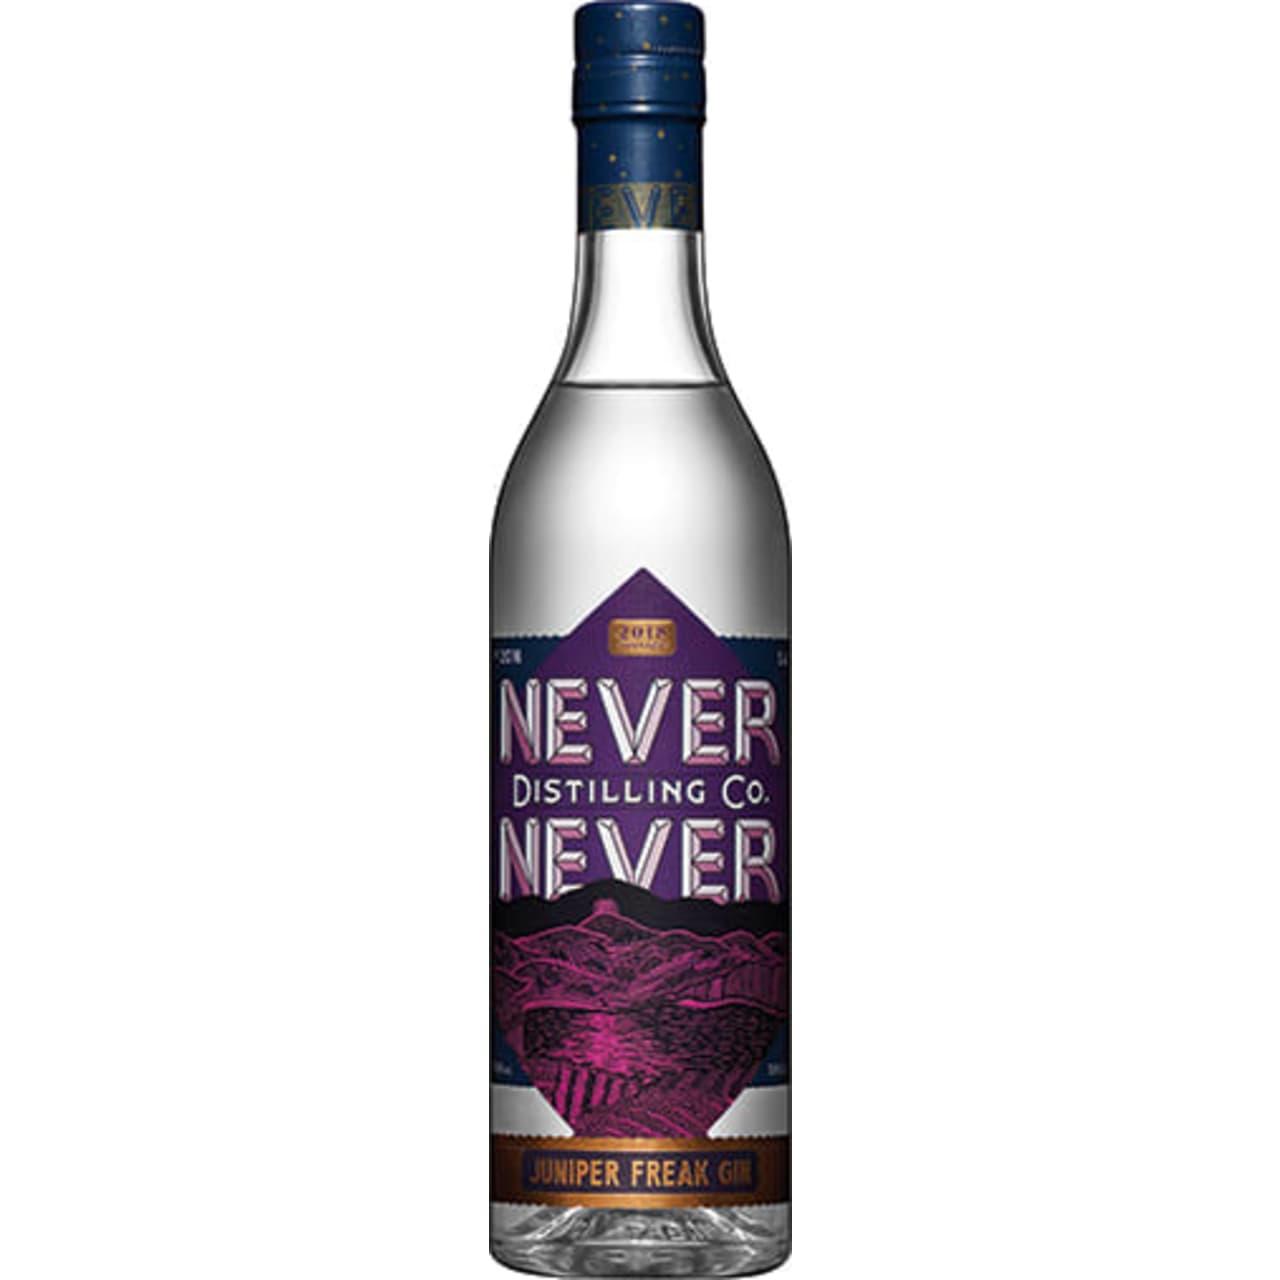 Product Image - Never Never Juniper Freak Gin 2018